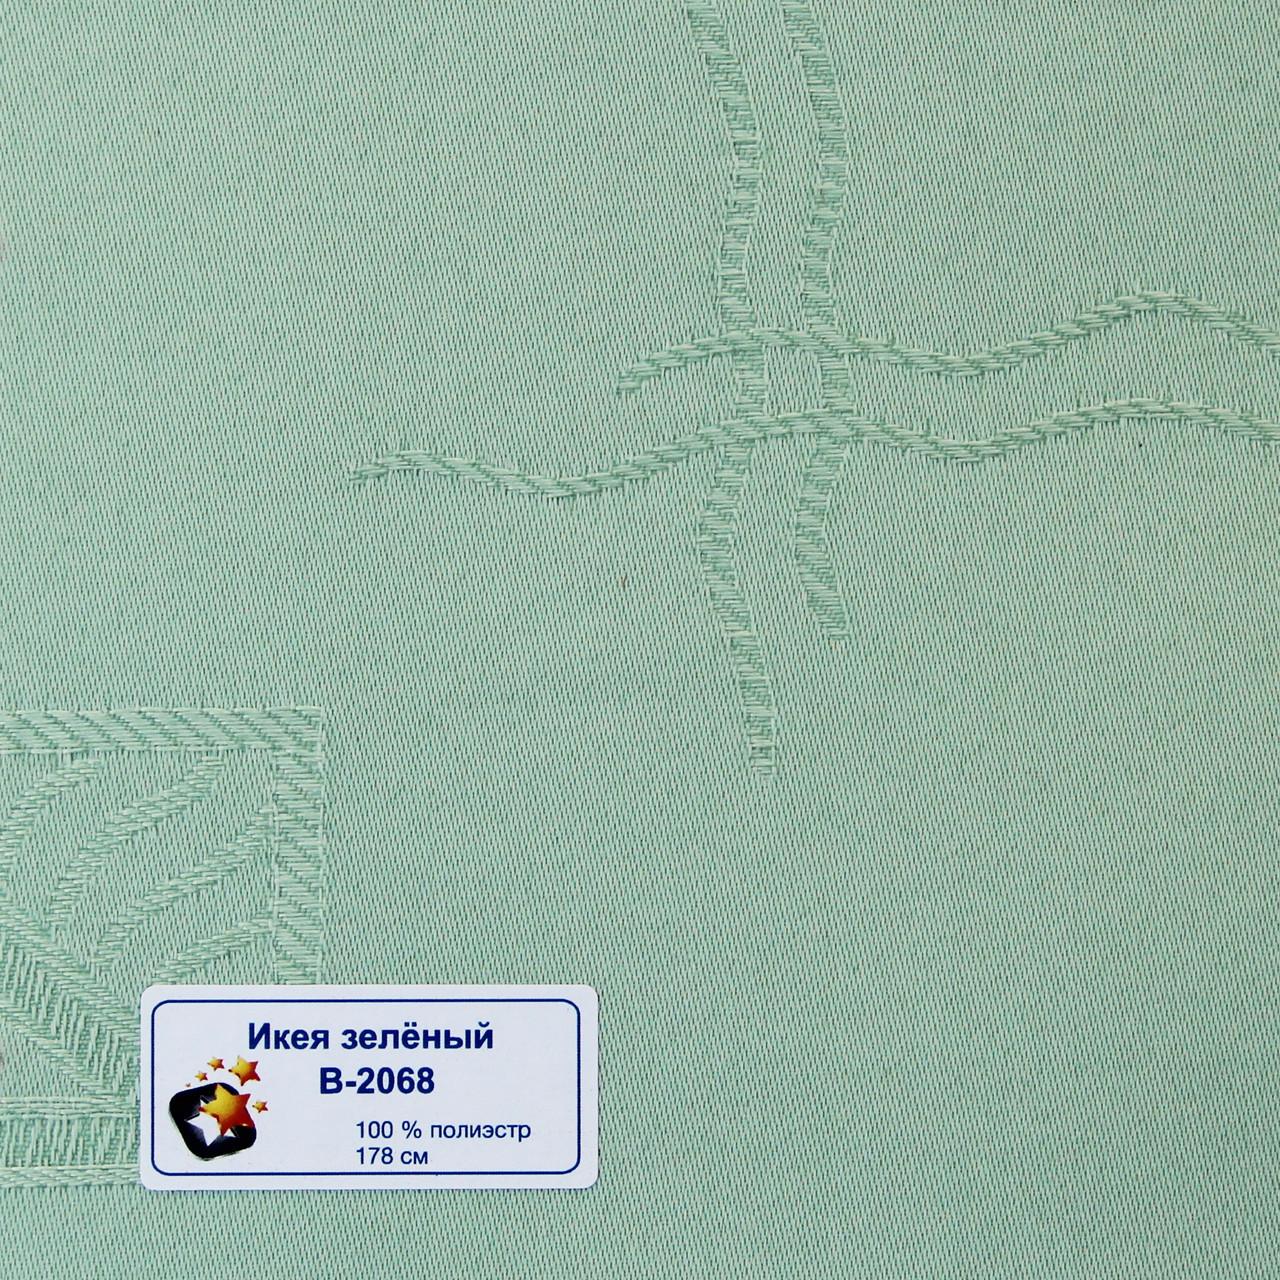 рулонные шторы ткань икеа 2068 зелёный цена 214 грн купить в